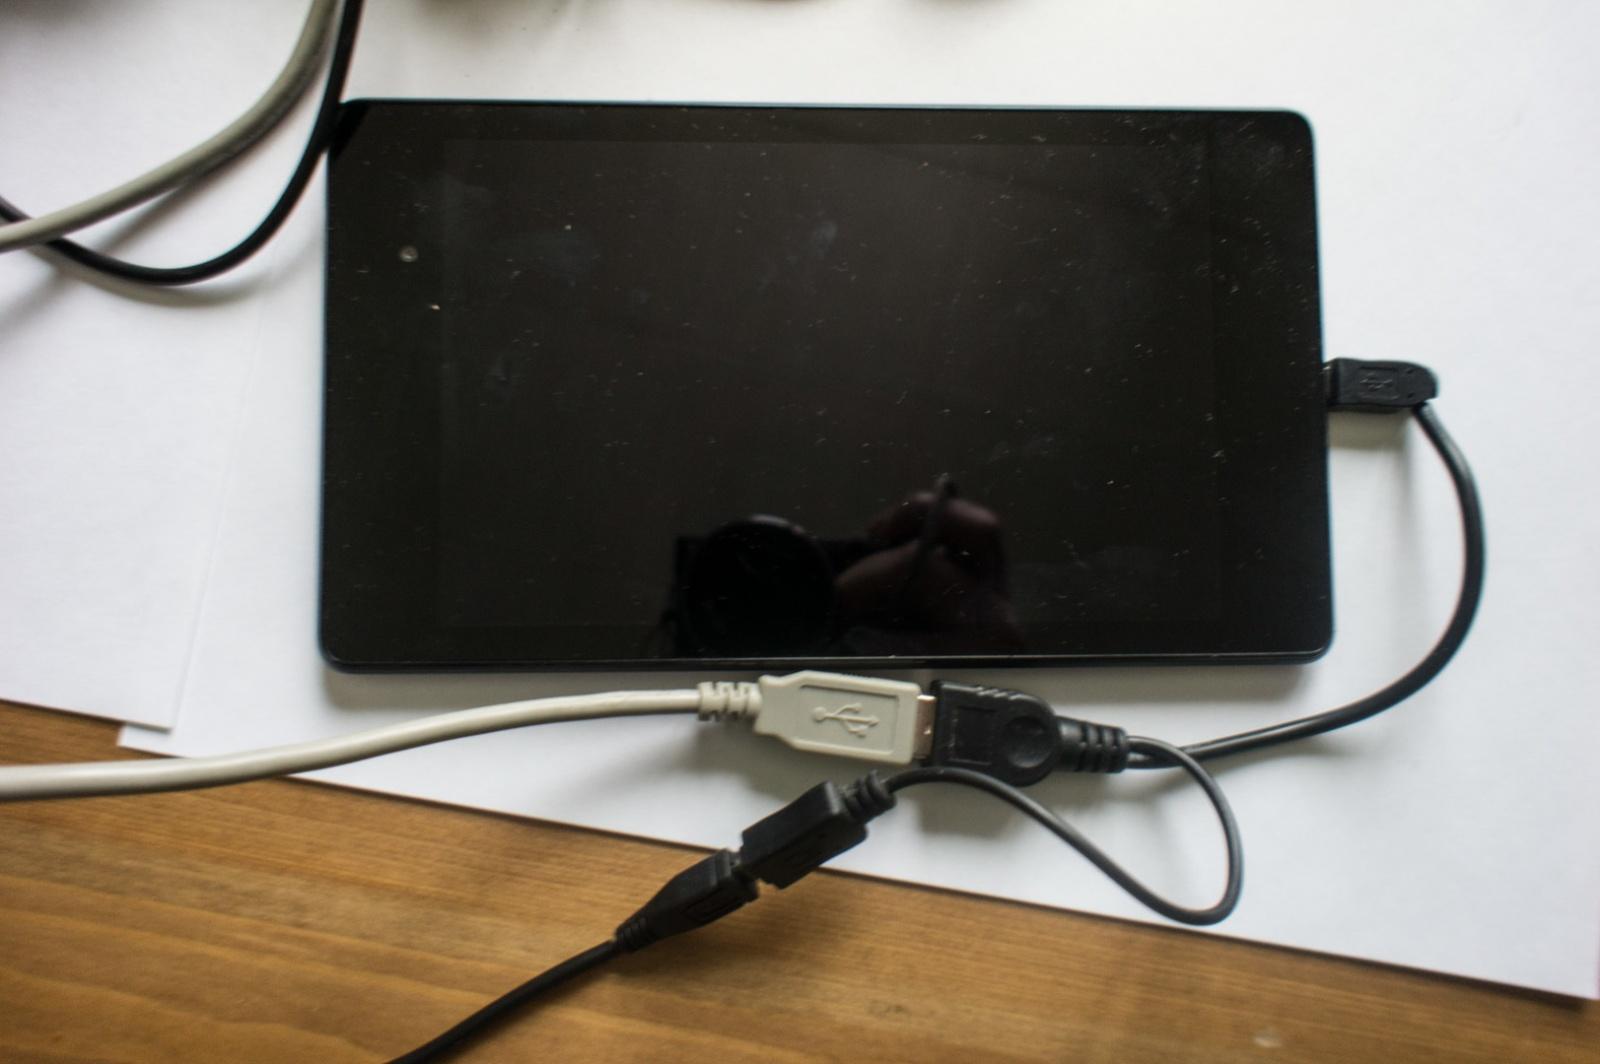 Установка Android планшета NEXUS 7 2013 вместо магнитолы в Mazda MX-5 – часть 1-2 - 3